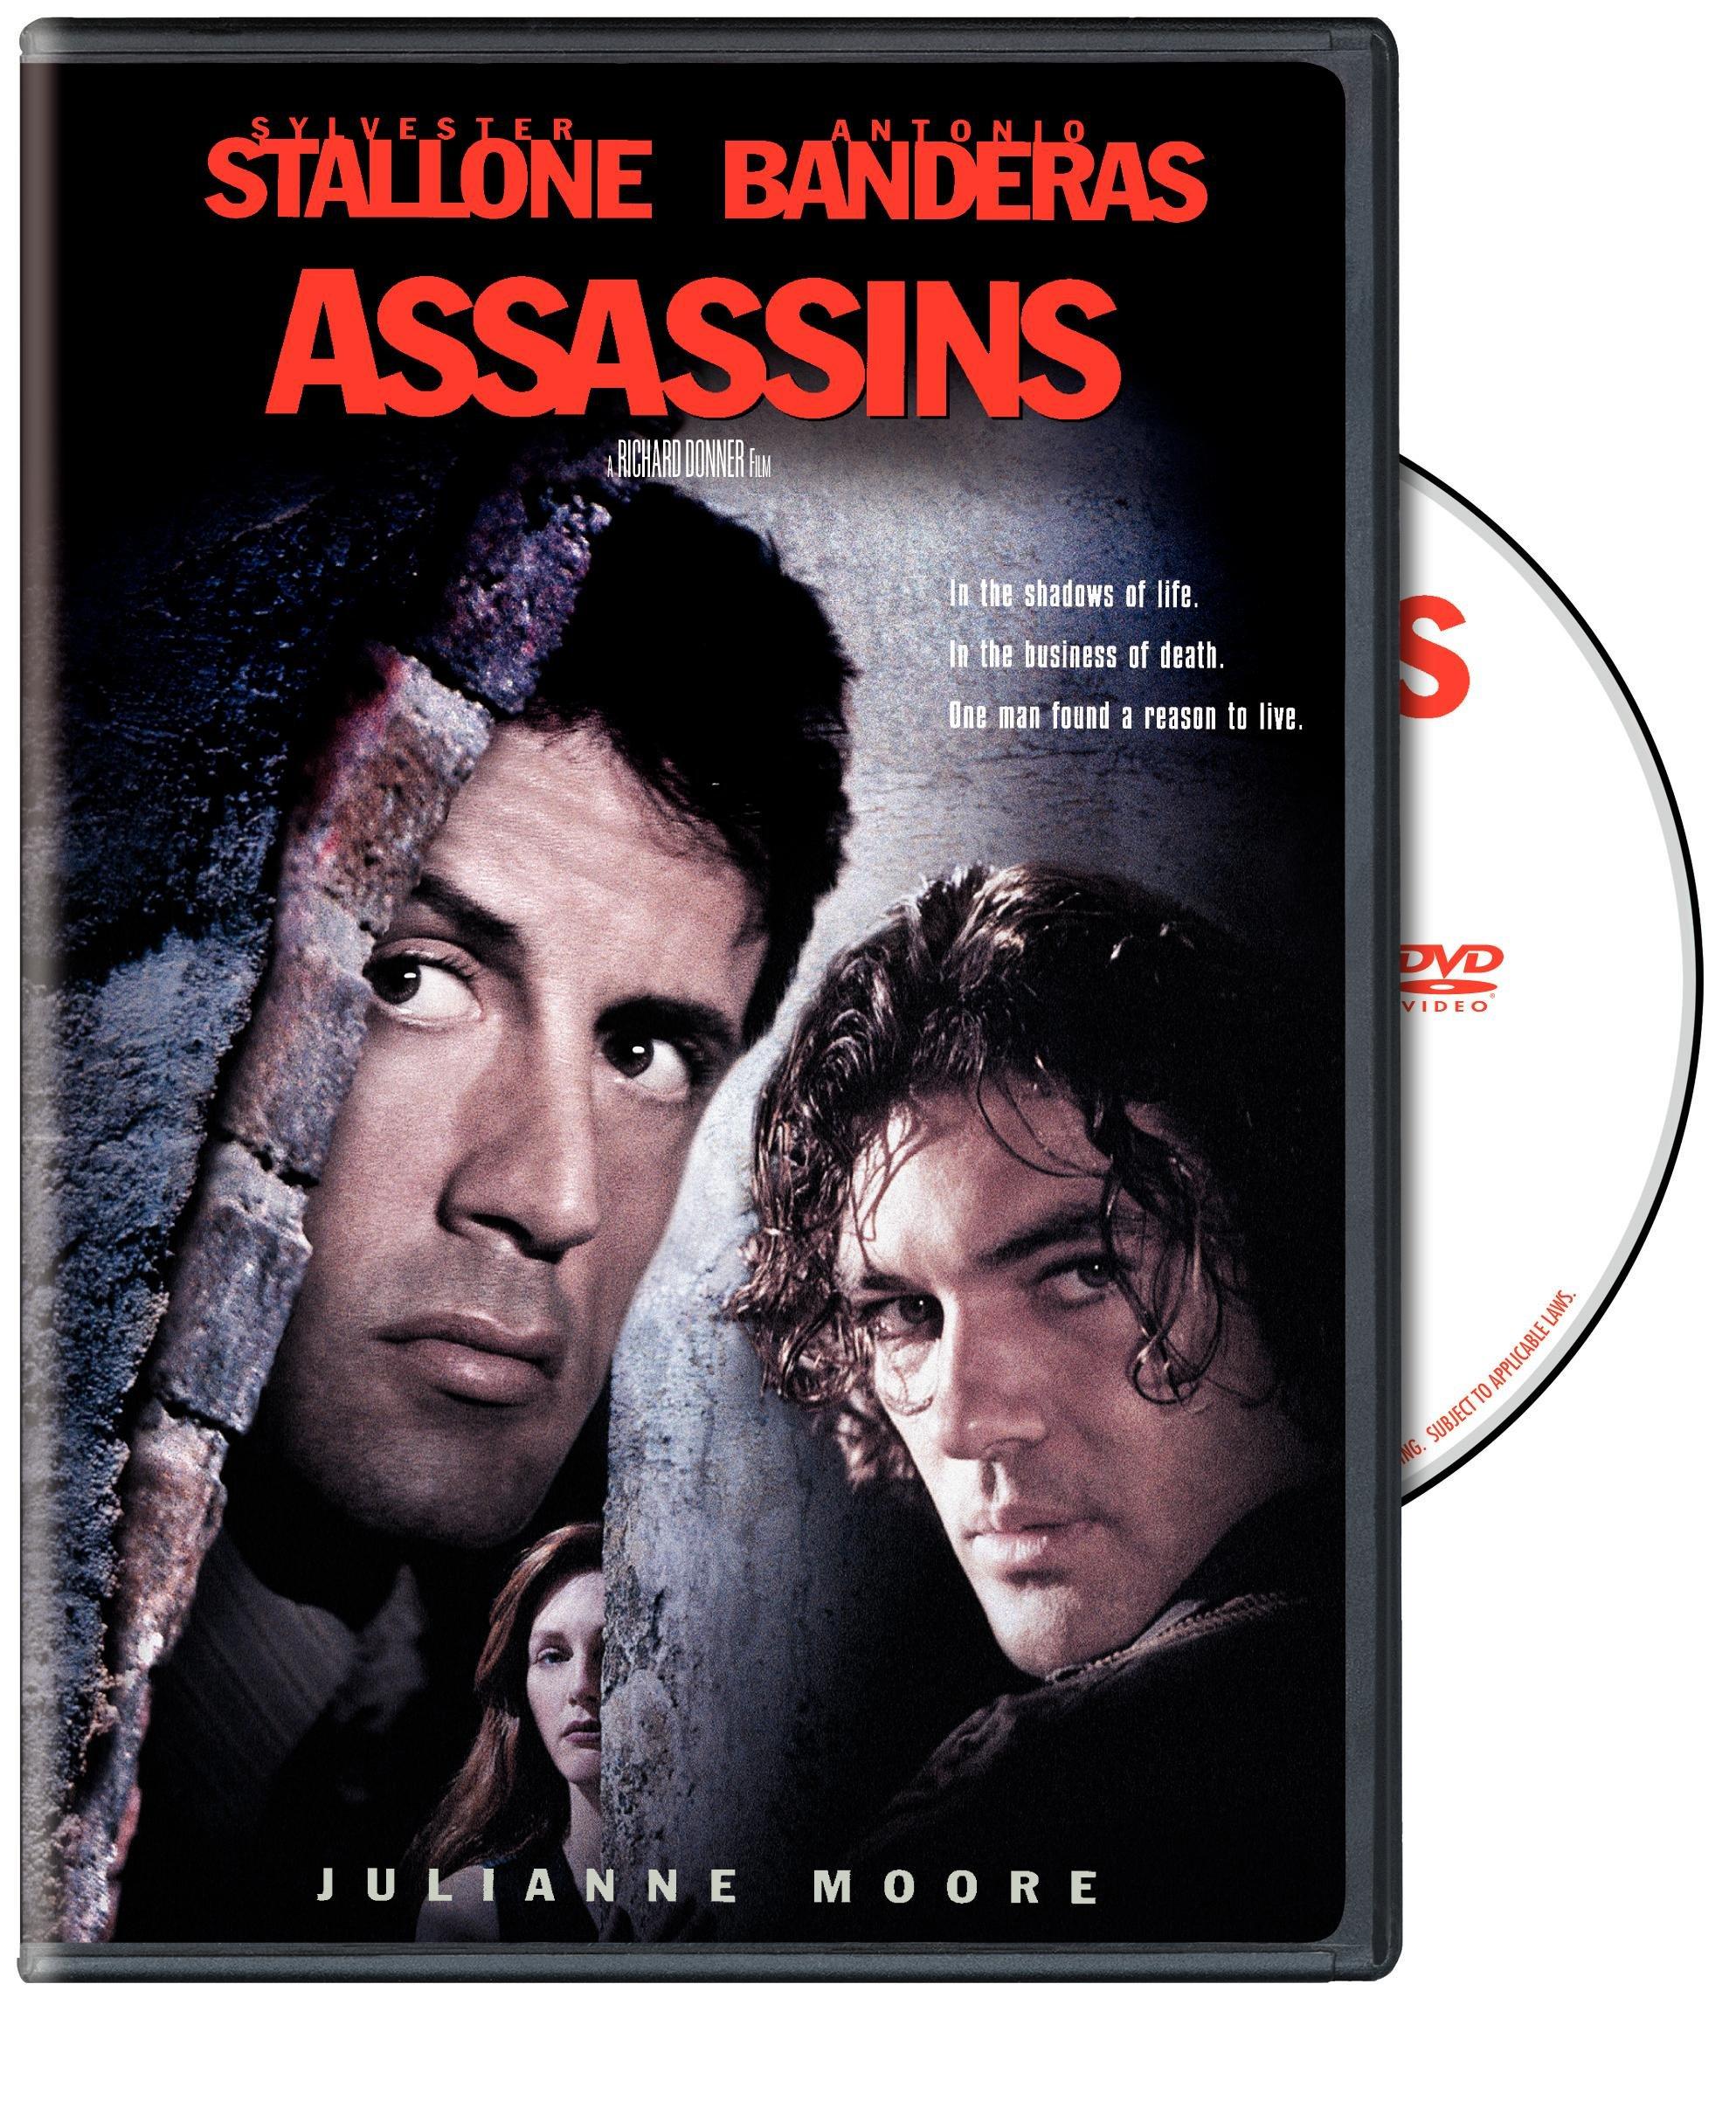 DVD : Assassins (Widescreen, Repackaged, Amaray Case)